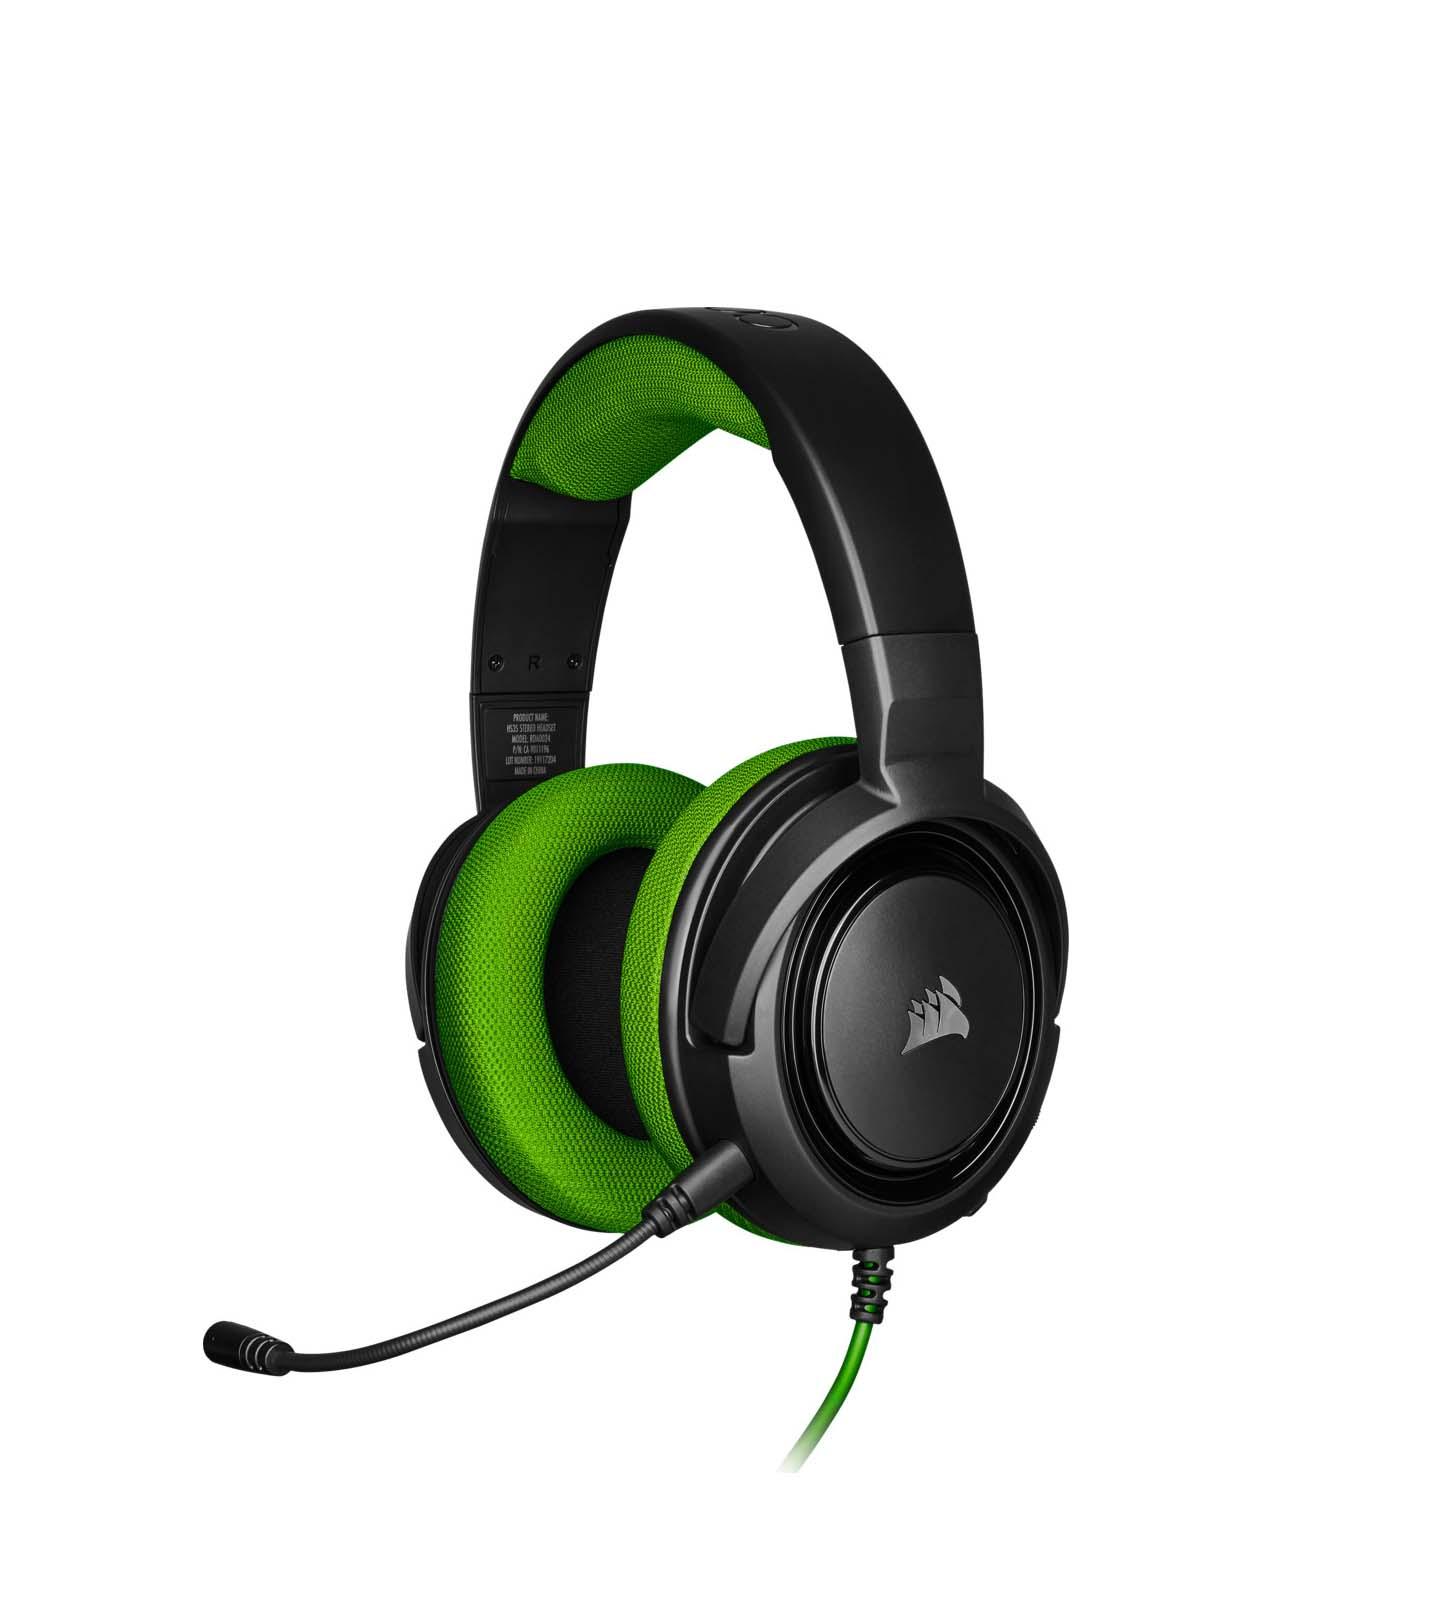 Corsair HS35 Green Headphones CA-9011197-EU